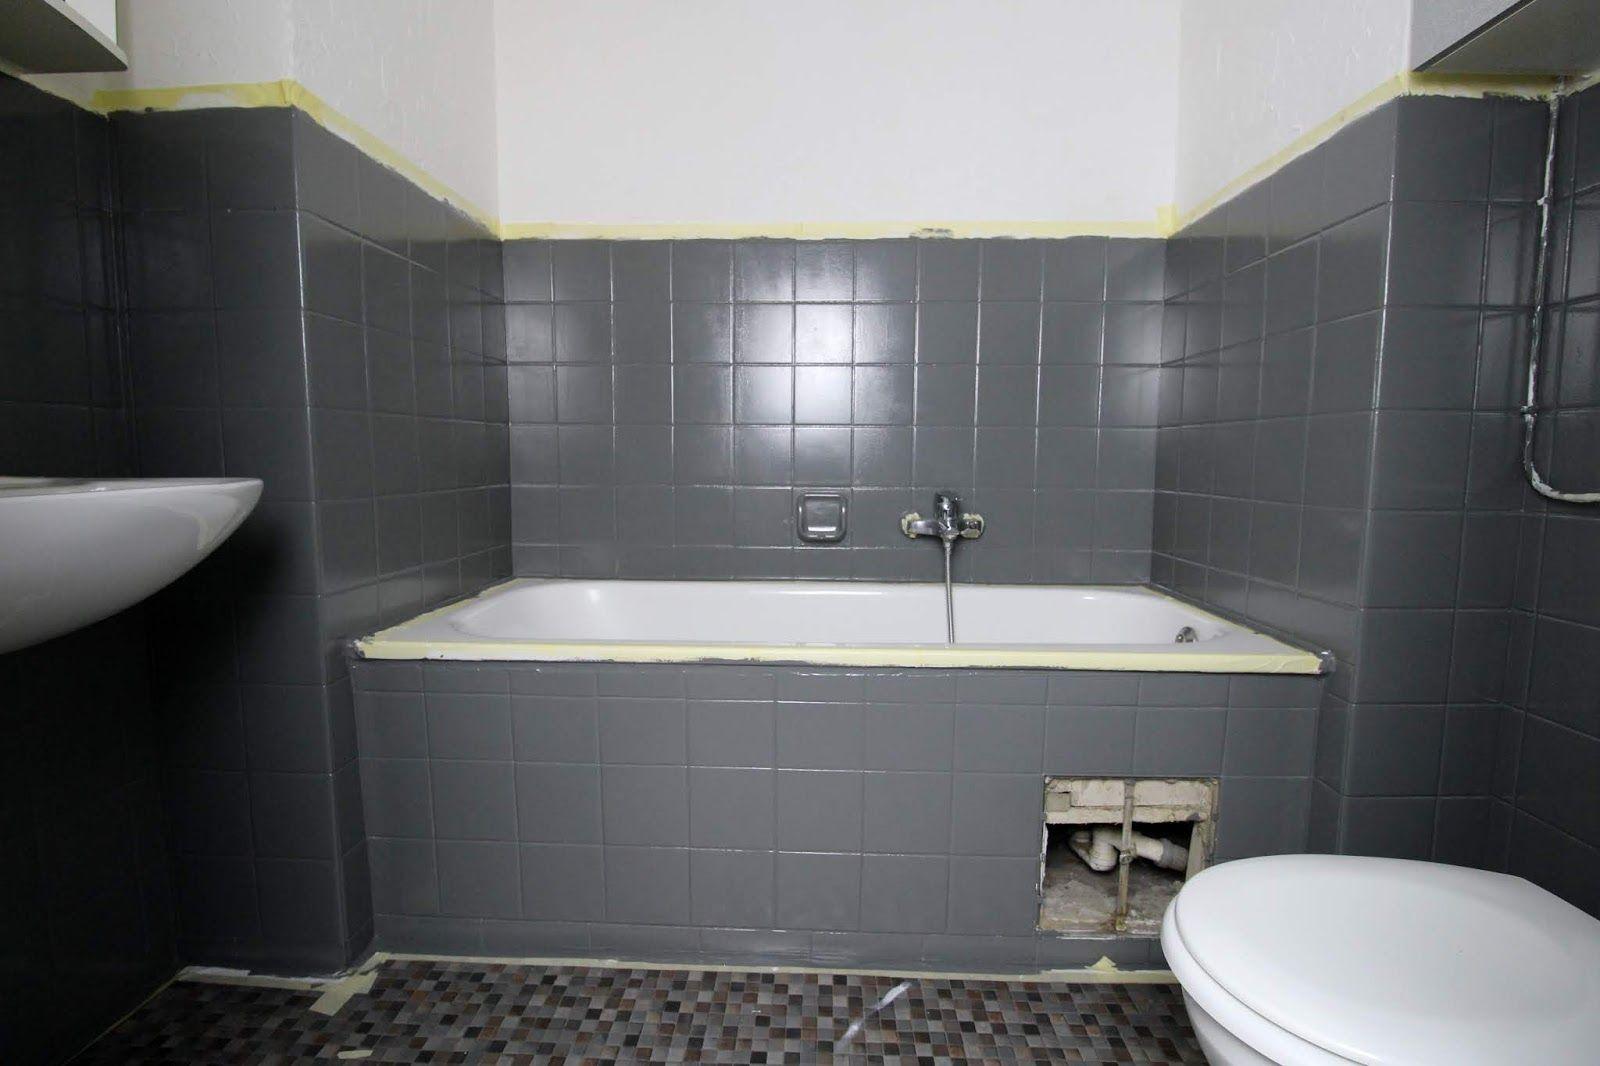 Diy Badezimmer Make Over Einfaches Recylcing Mit Der Schoner Wohnen Pep Up Renovierfarbe Fur Fl Badezimmer Streichen Badezimmer Komplett Badezimmer Rustikal